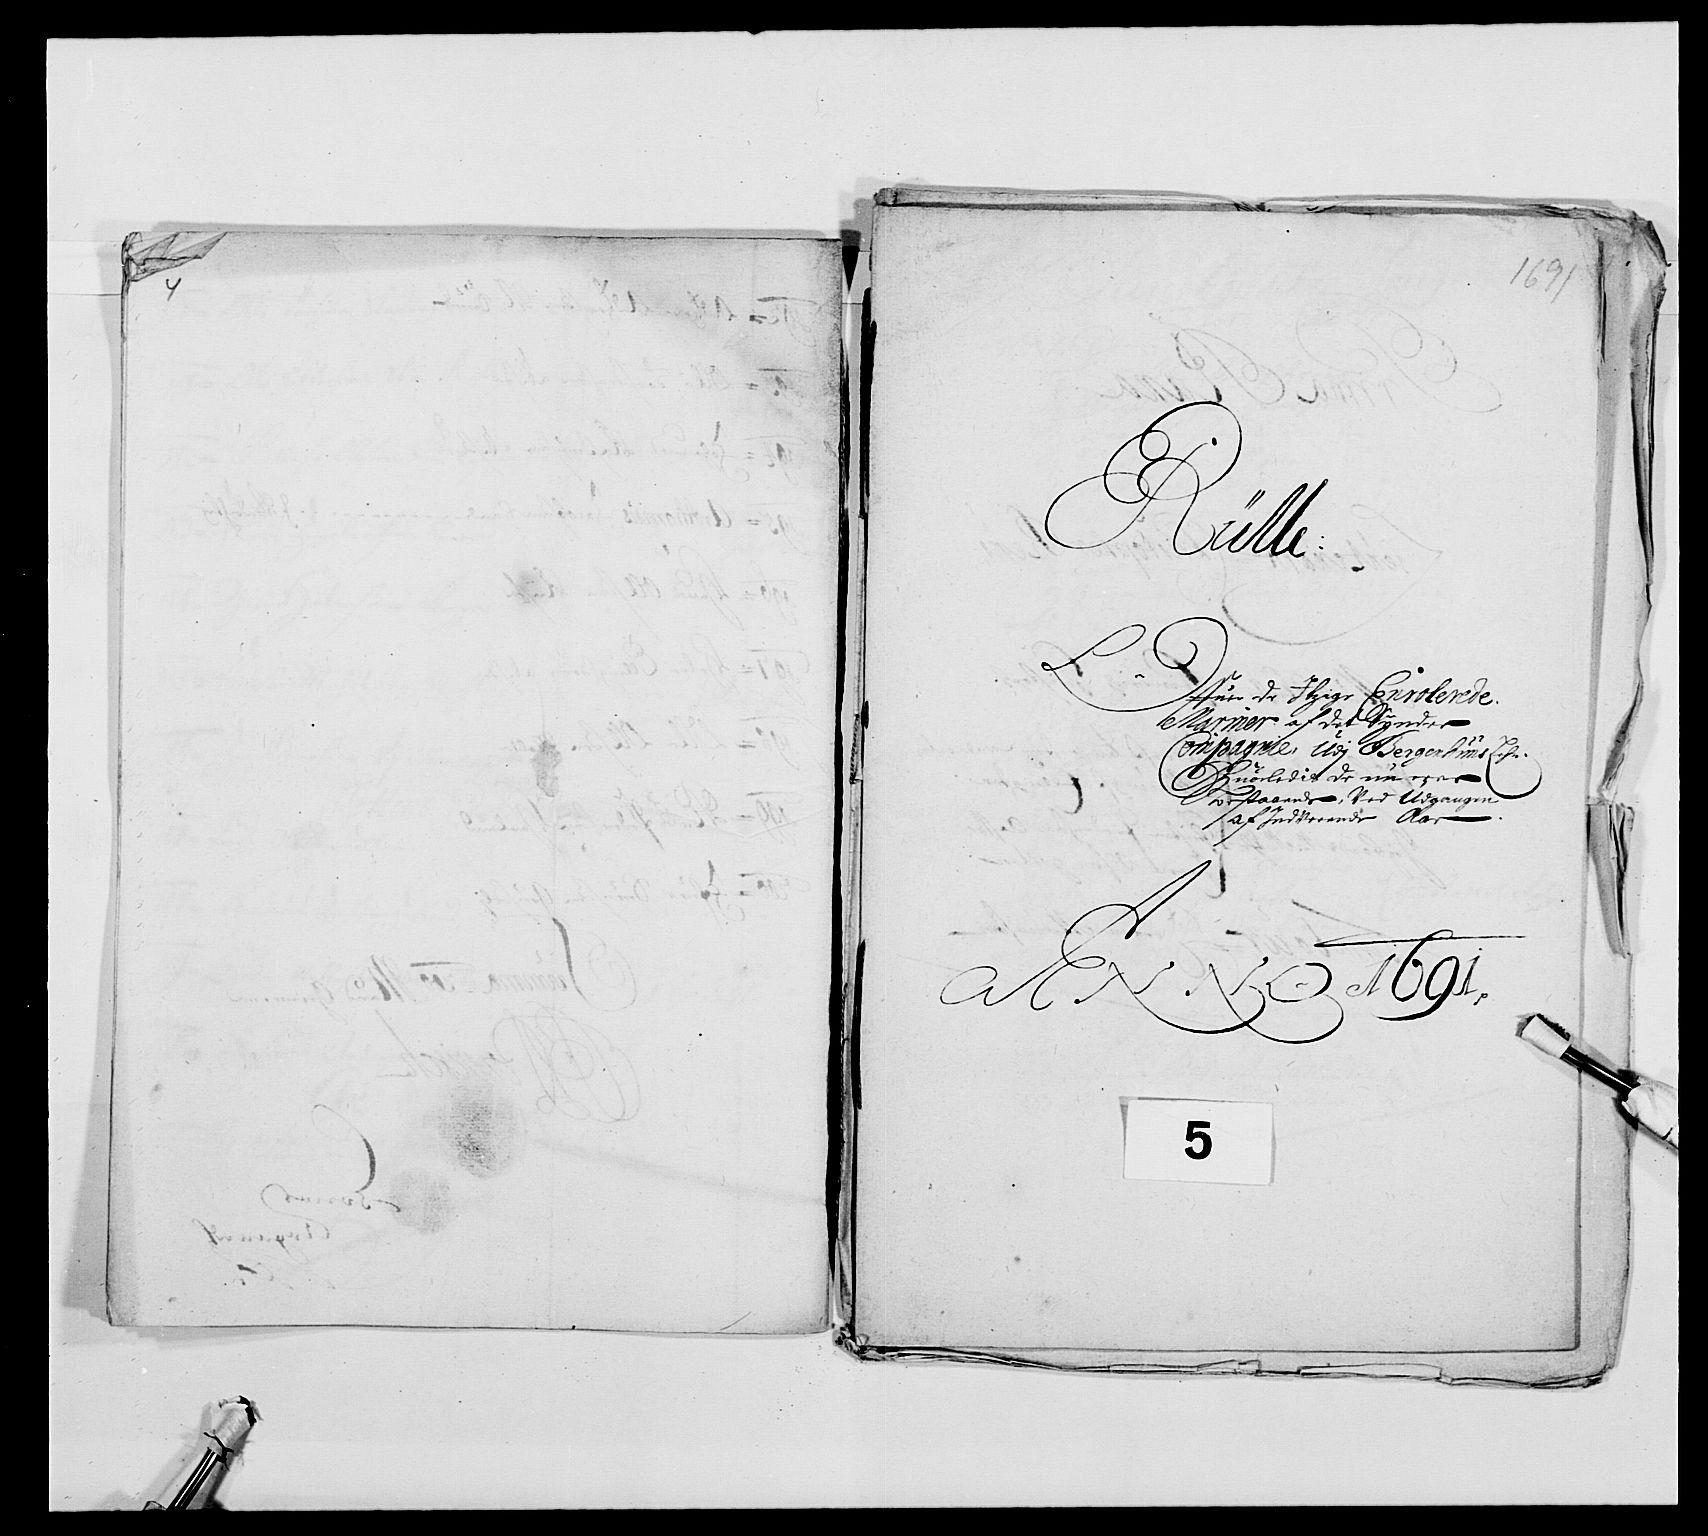 RA, Kommanderende general (KG I) med Det norske krigsdirektorium, E/Ea/L0473: Marineregimentet, 1664-1700, s. 144